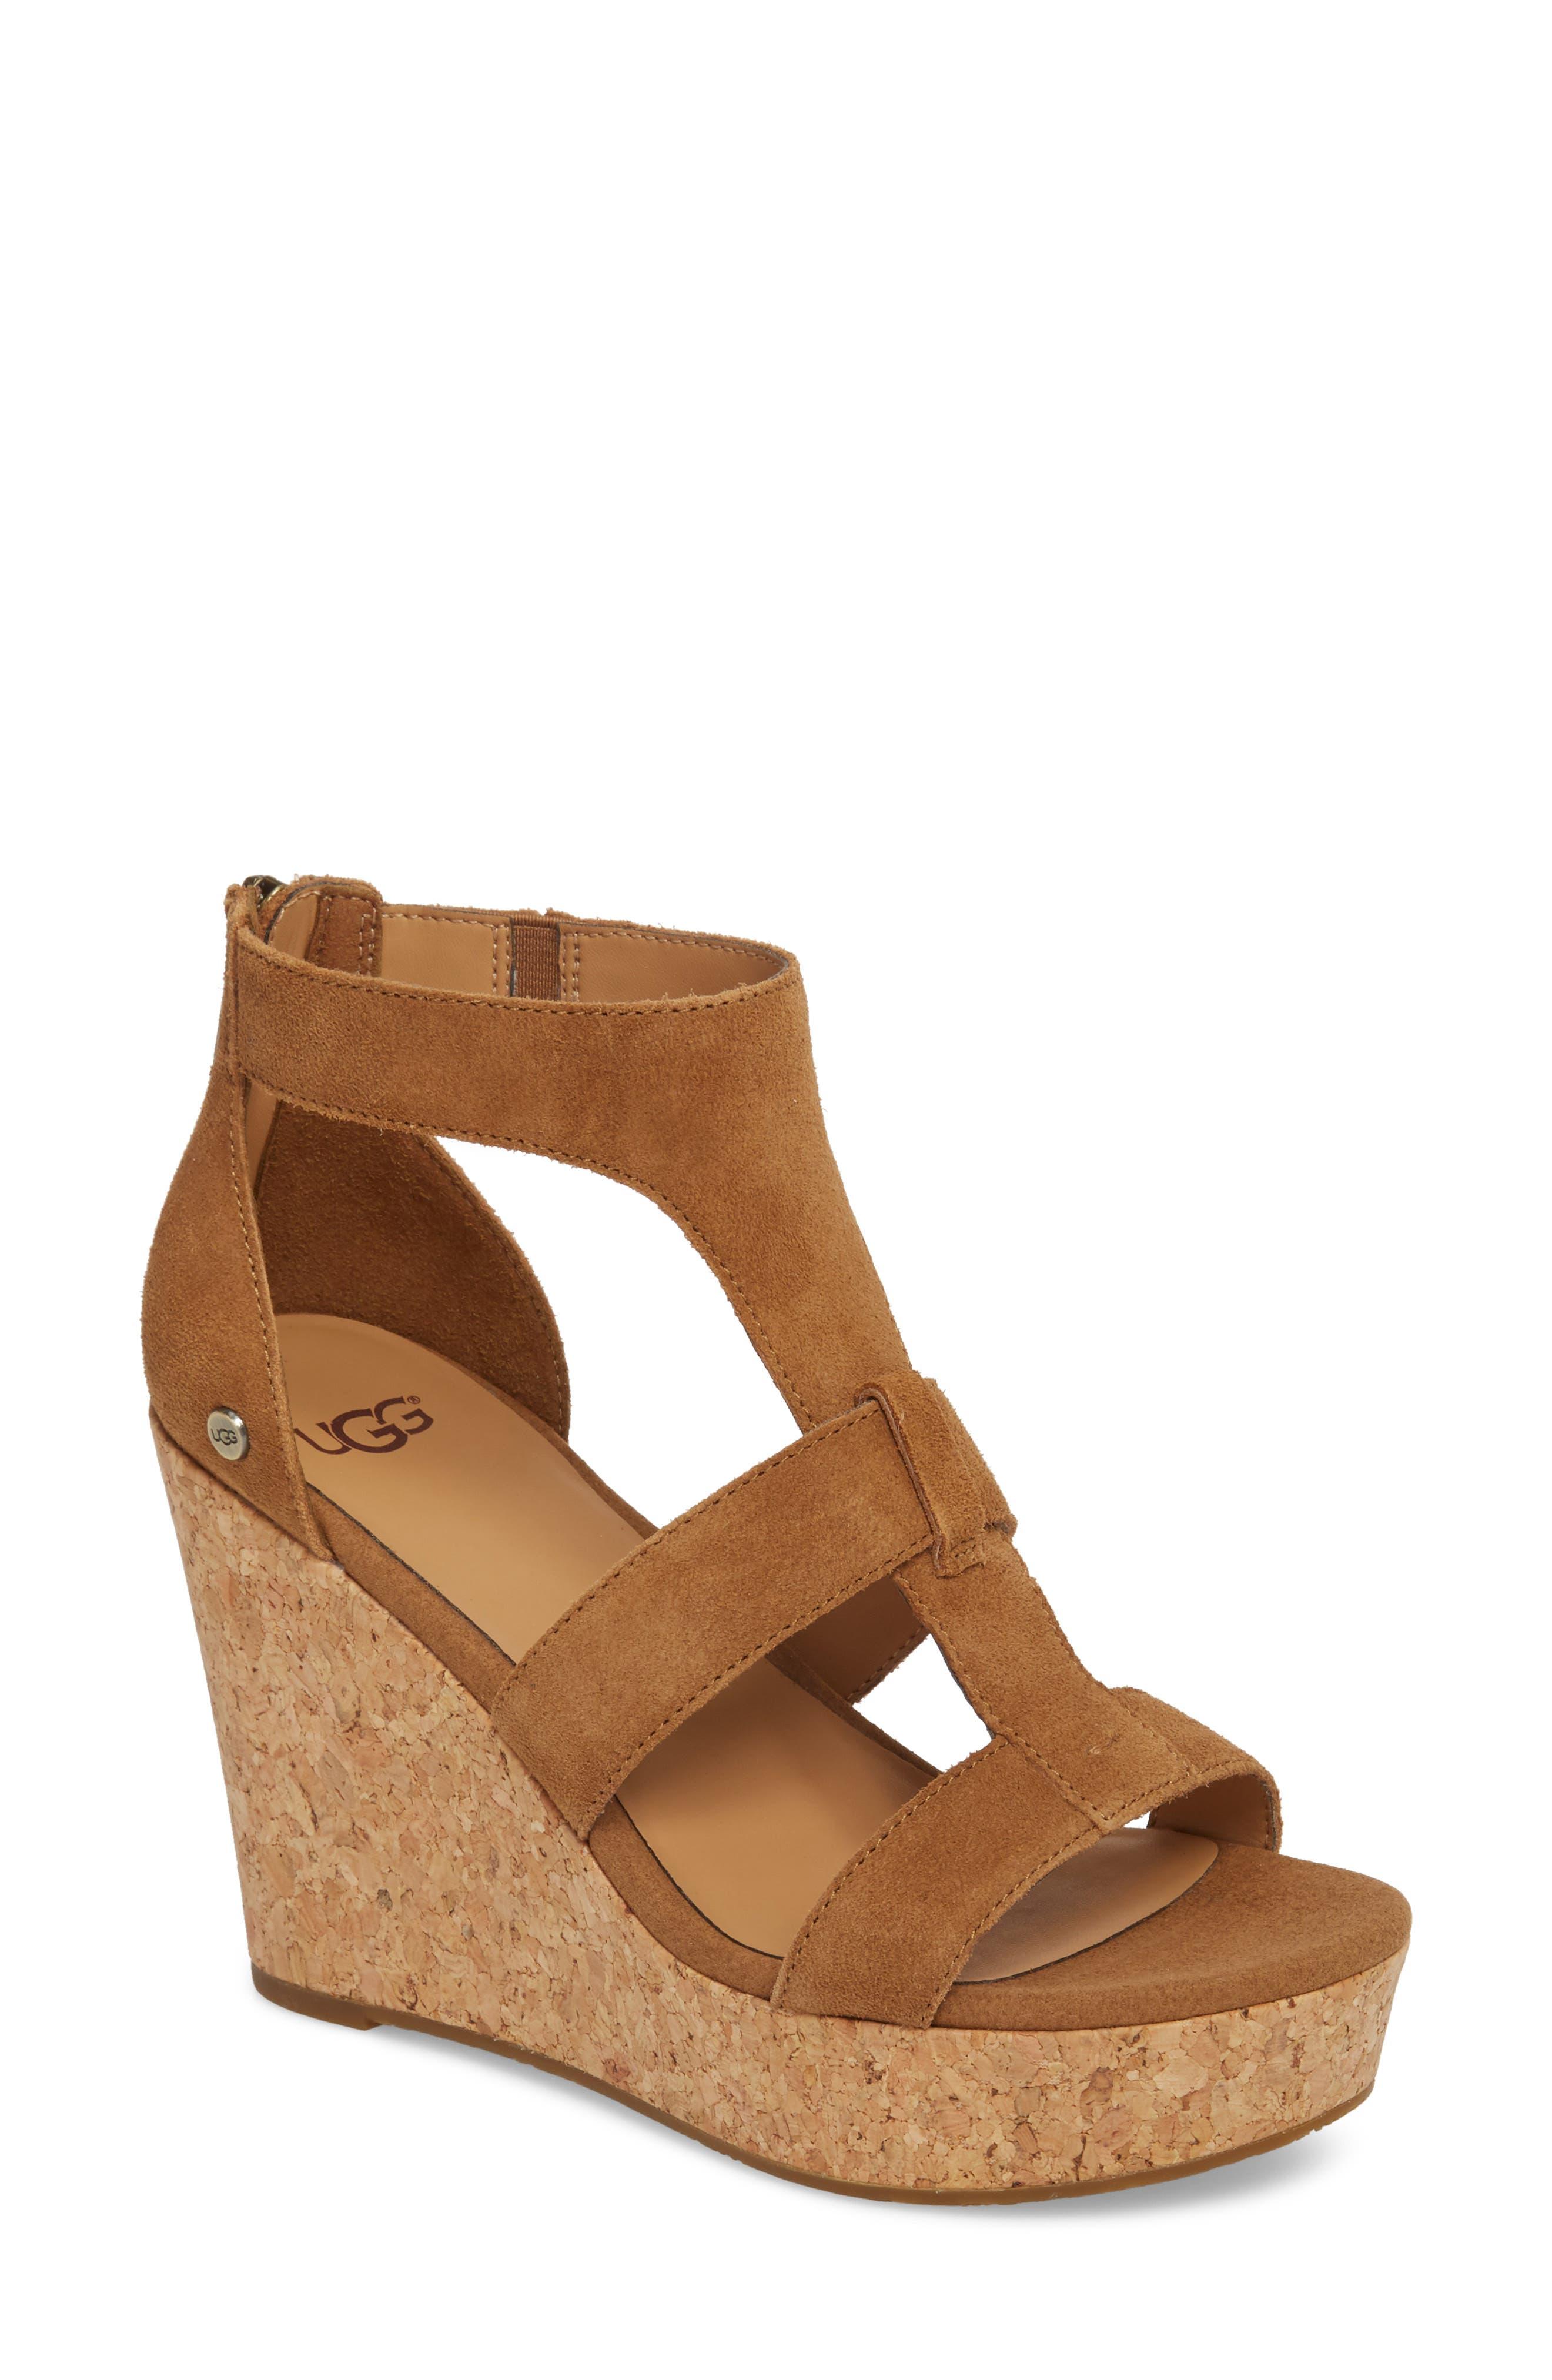 Whitney Platform Wedge Sandal,                             Main thumbnail 1, color,                             Chestnut